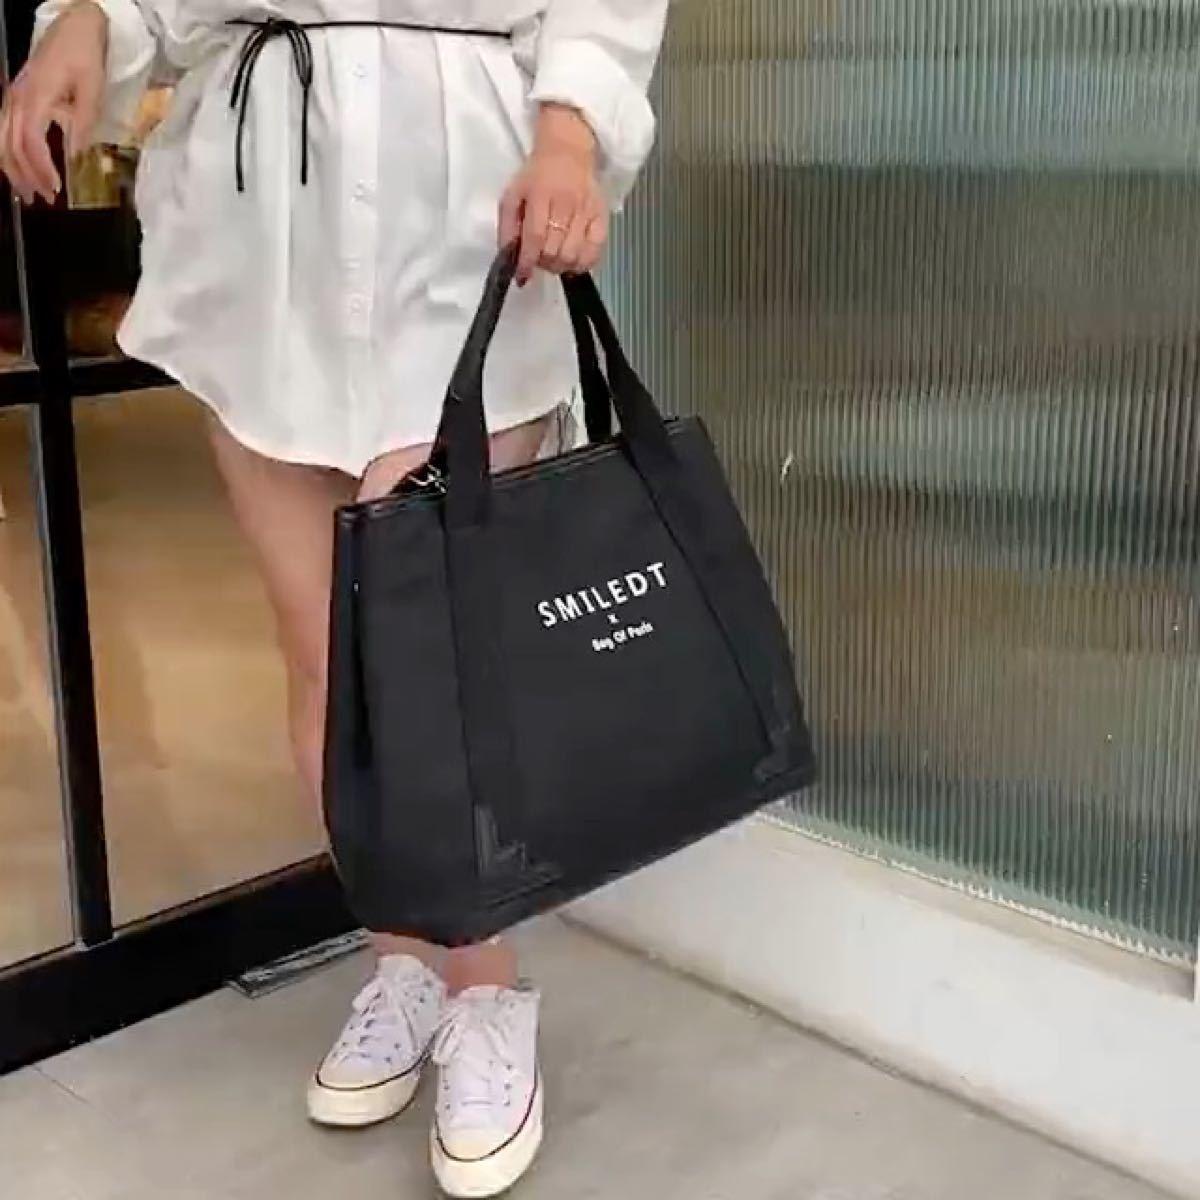 SMILEDTショッパーハンドバッグ財布韓国人女性のファッション